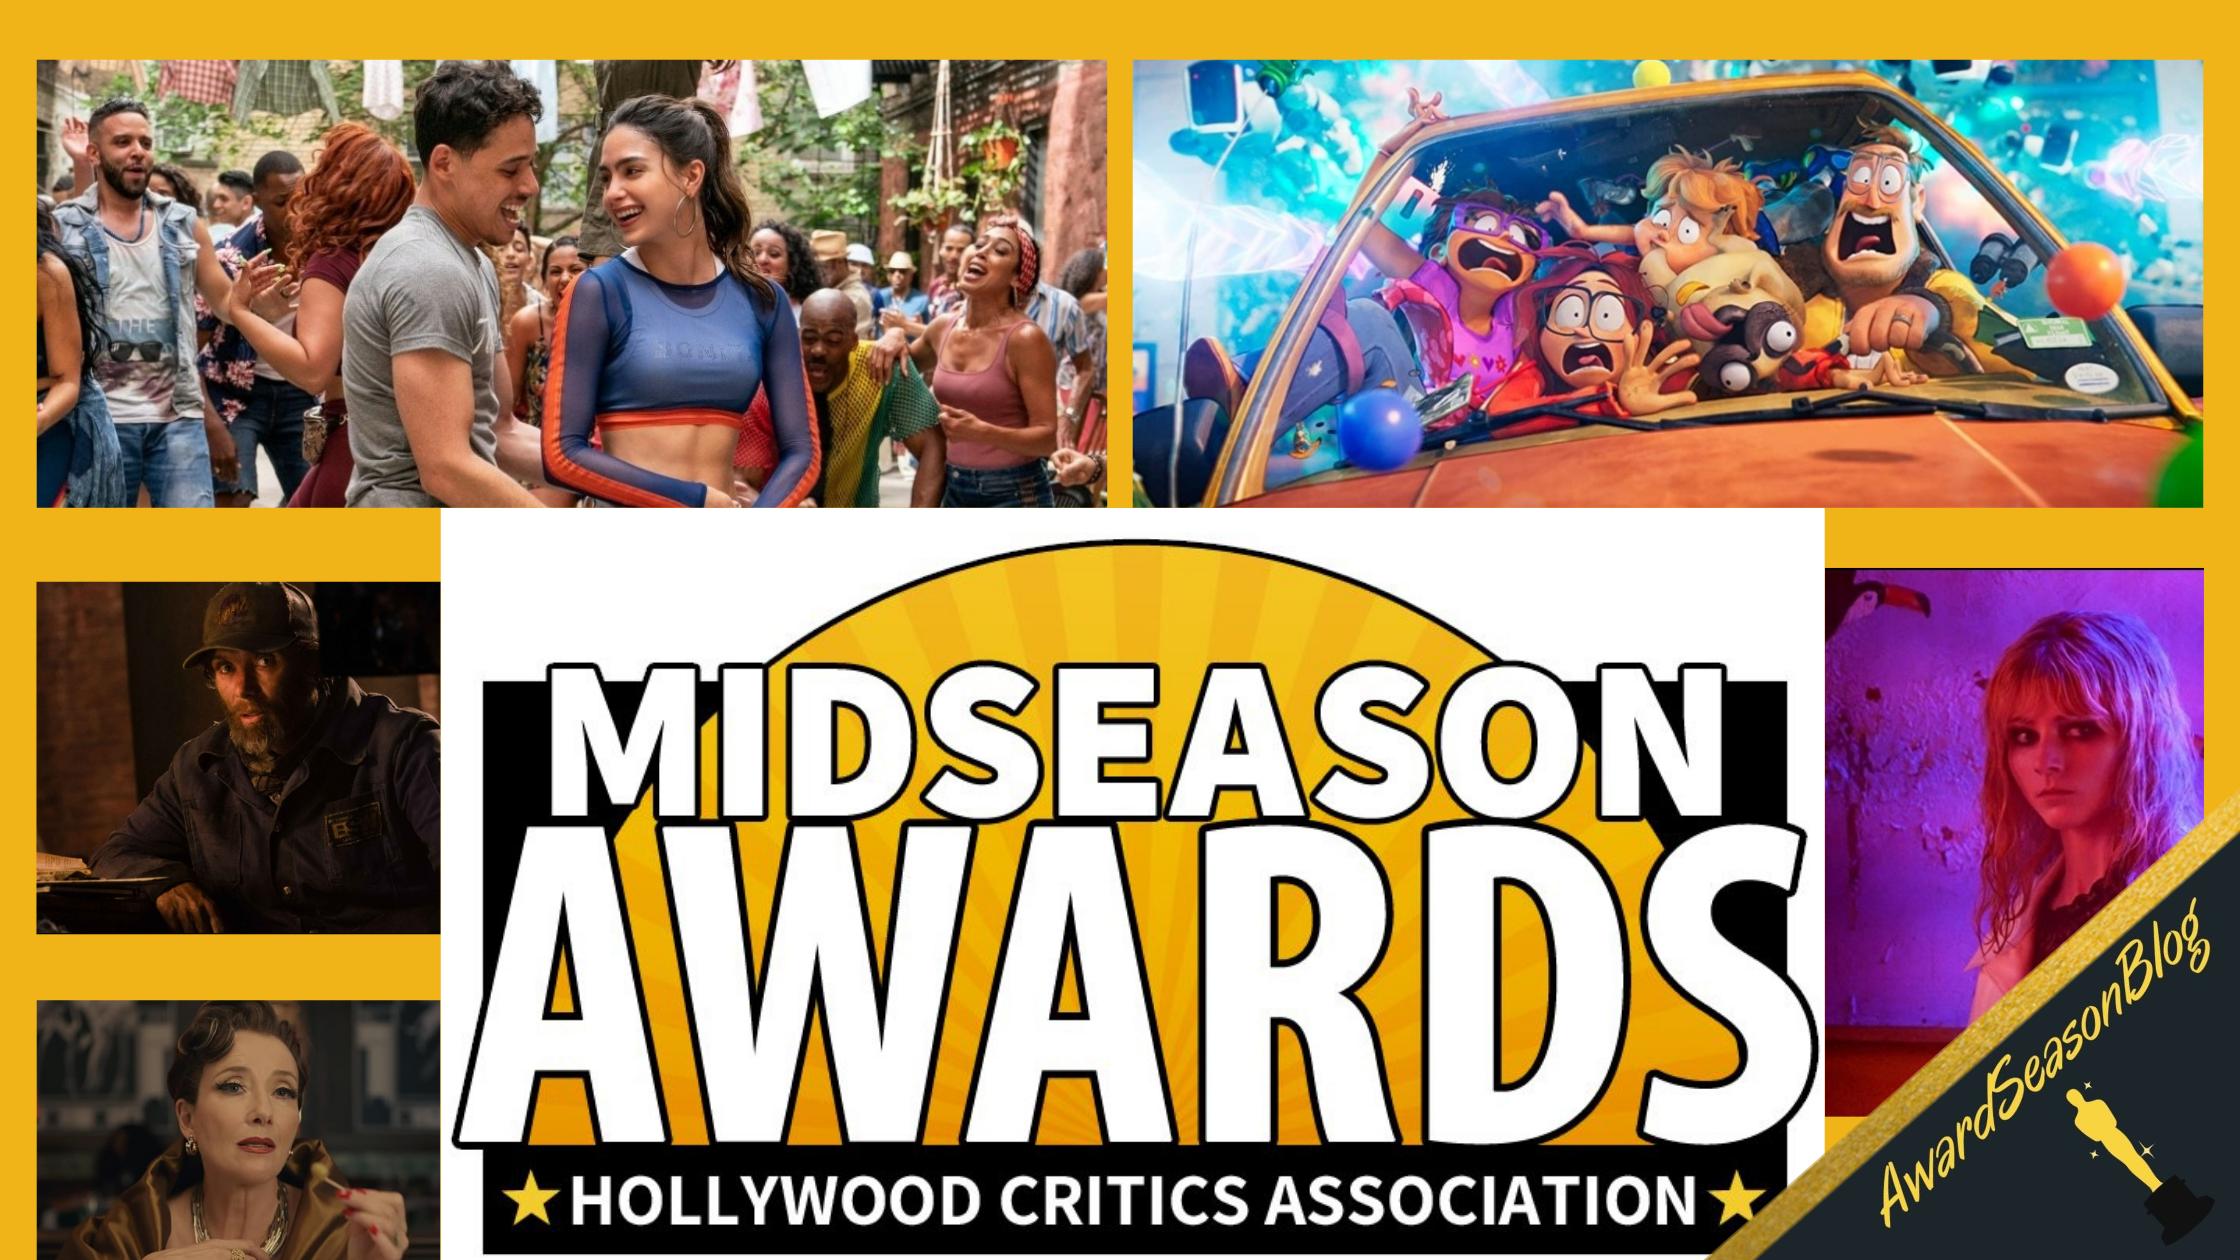 HCA Midseason Awards 2021: Sognando a New York - In The Heights eletto miglior film di metà stagione